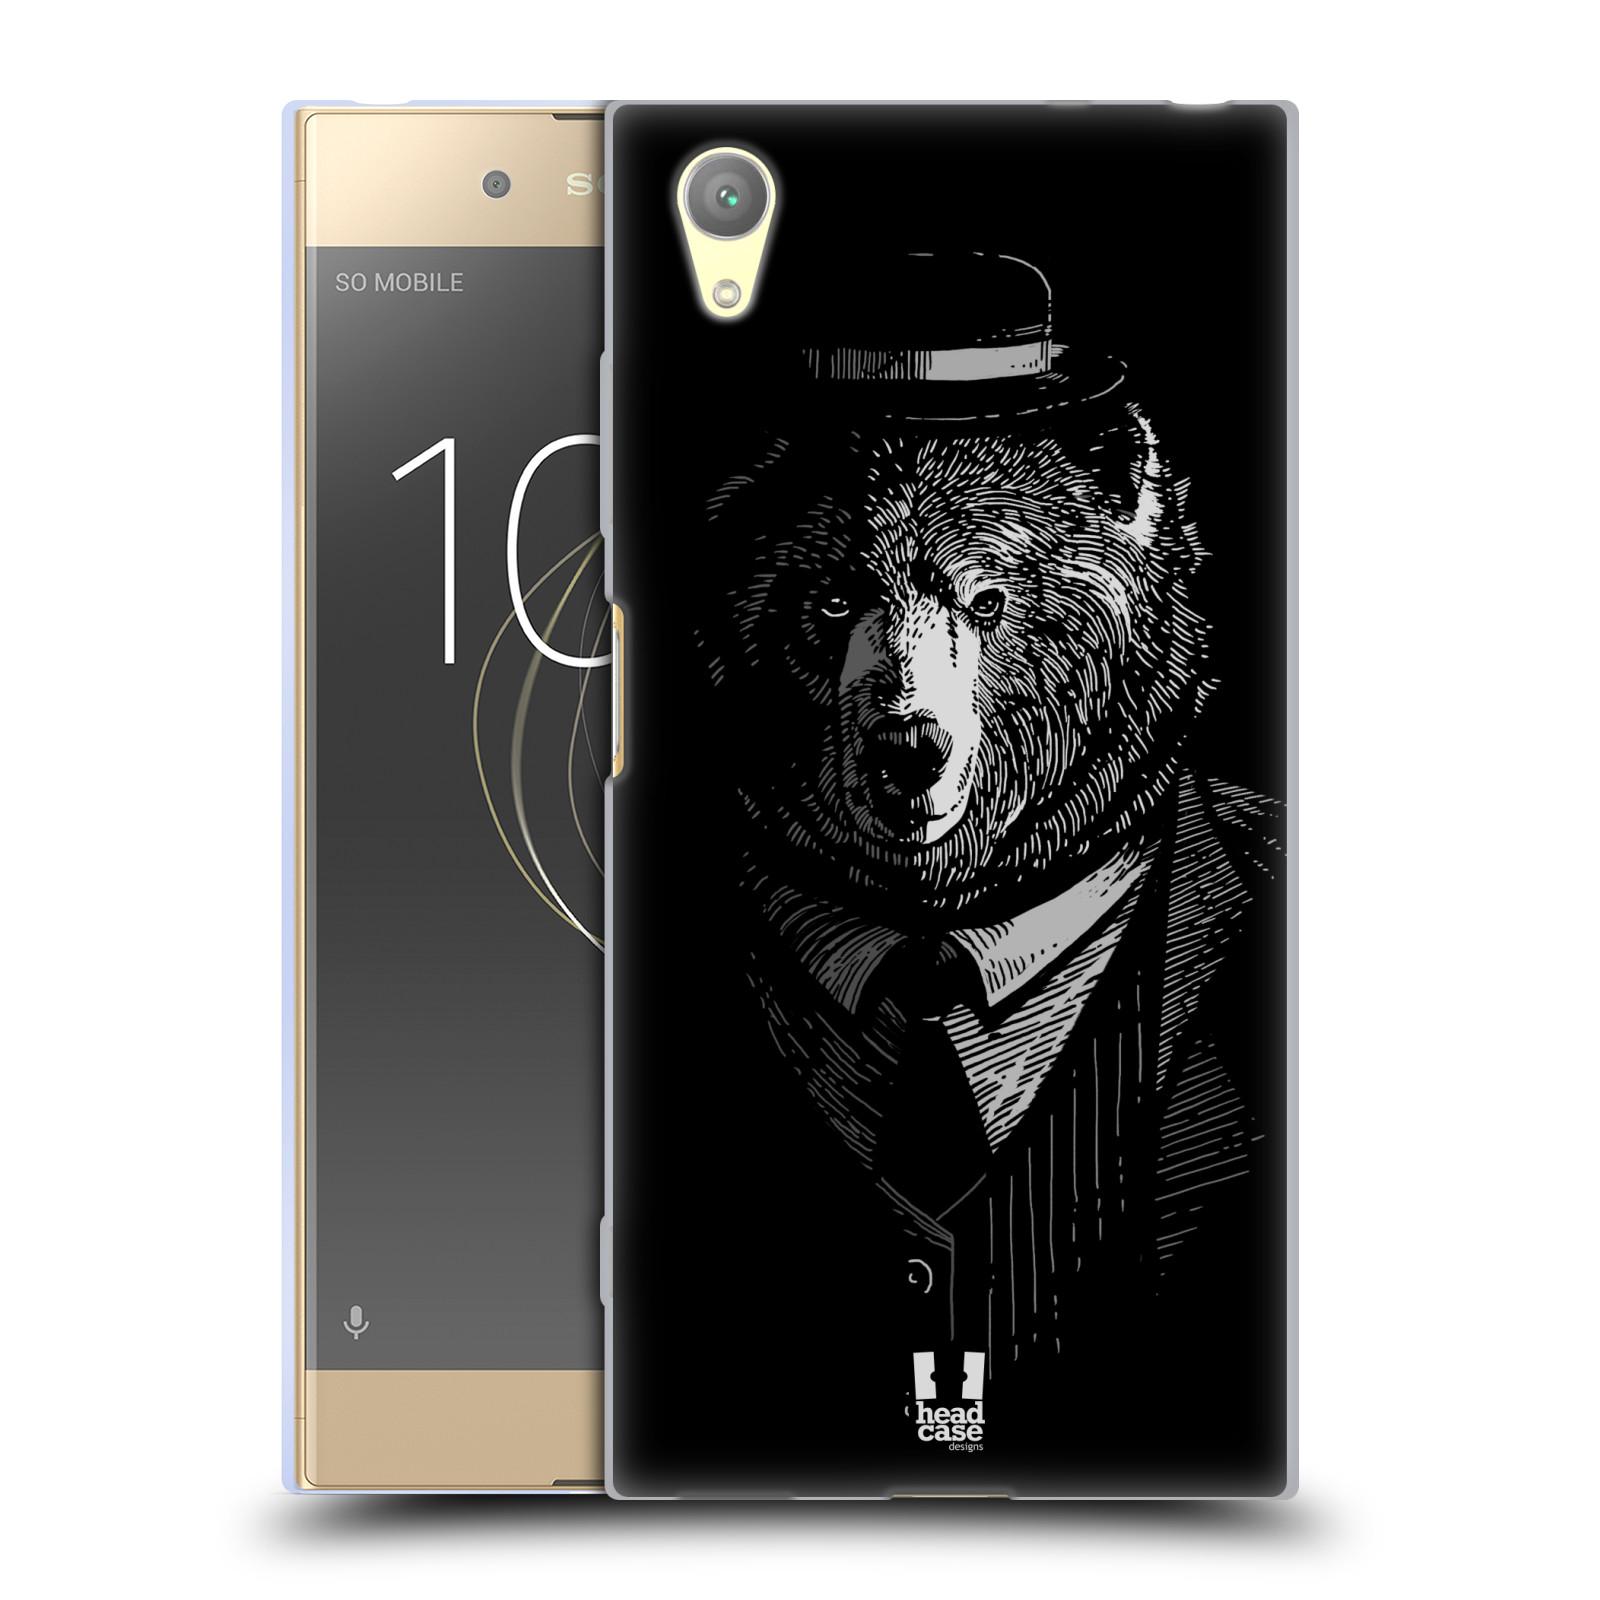 HEAD CASE silikonový obal na mobil Sony Xperia XA1 PLUS vzor Zvíře v obleku medvěd